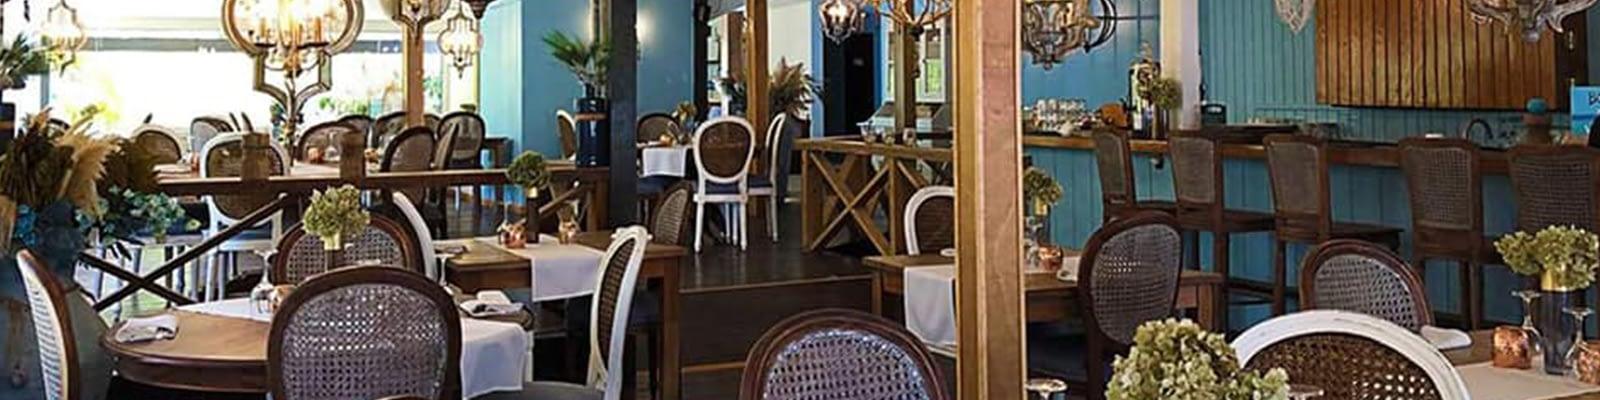 restaurant-bistro-sorobon-slider-2